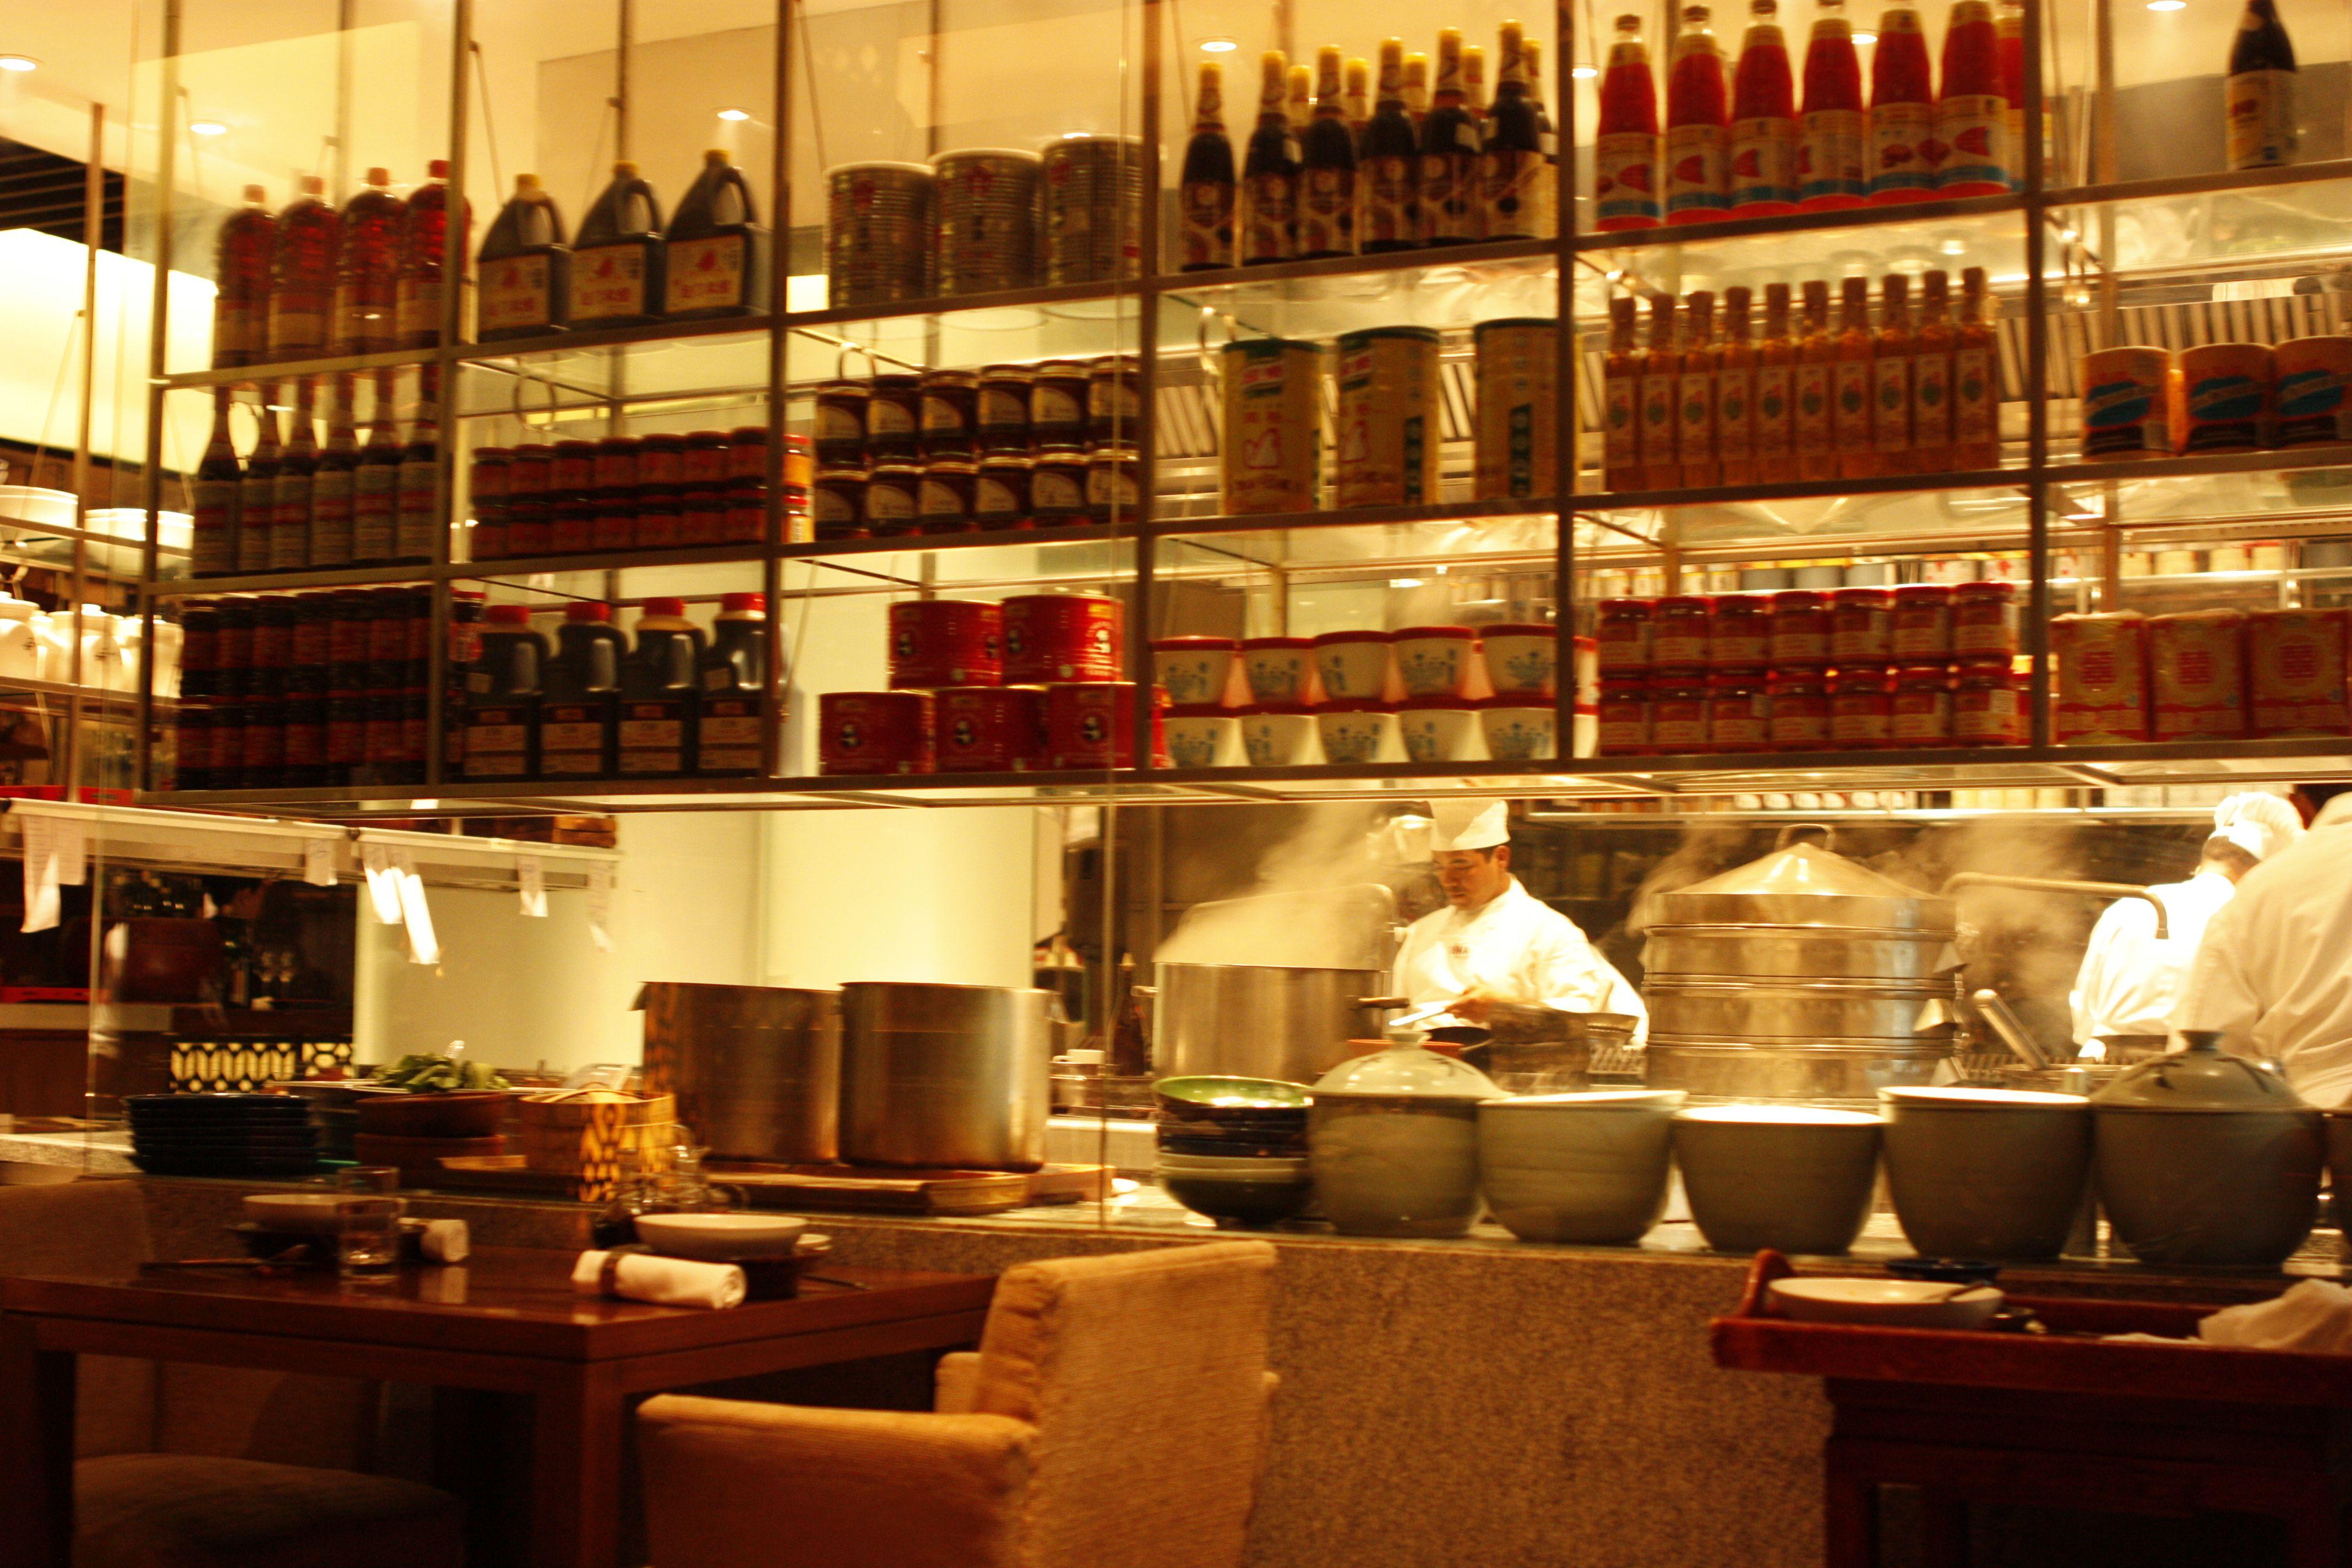 Open Kitchen Restaurant  Google Search  Work  Pinterest  Open Awesome Chinese Restaurant Kitchen Design Inspiration Design